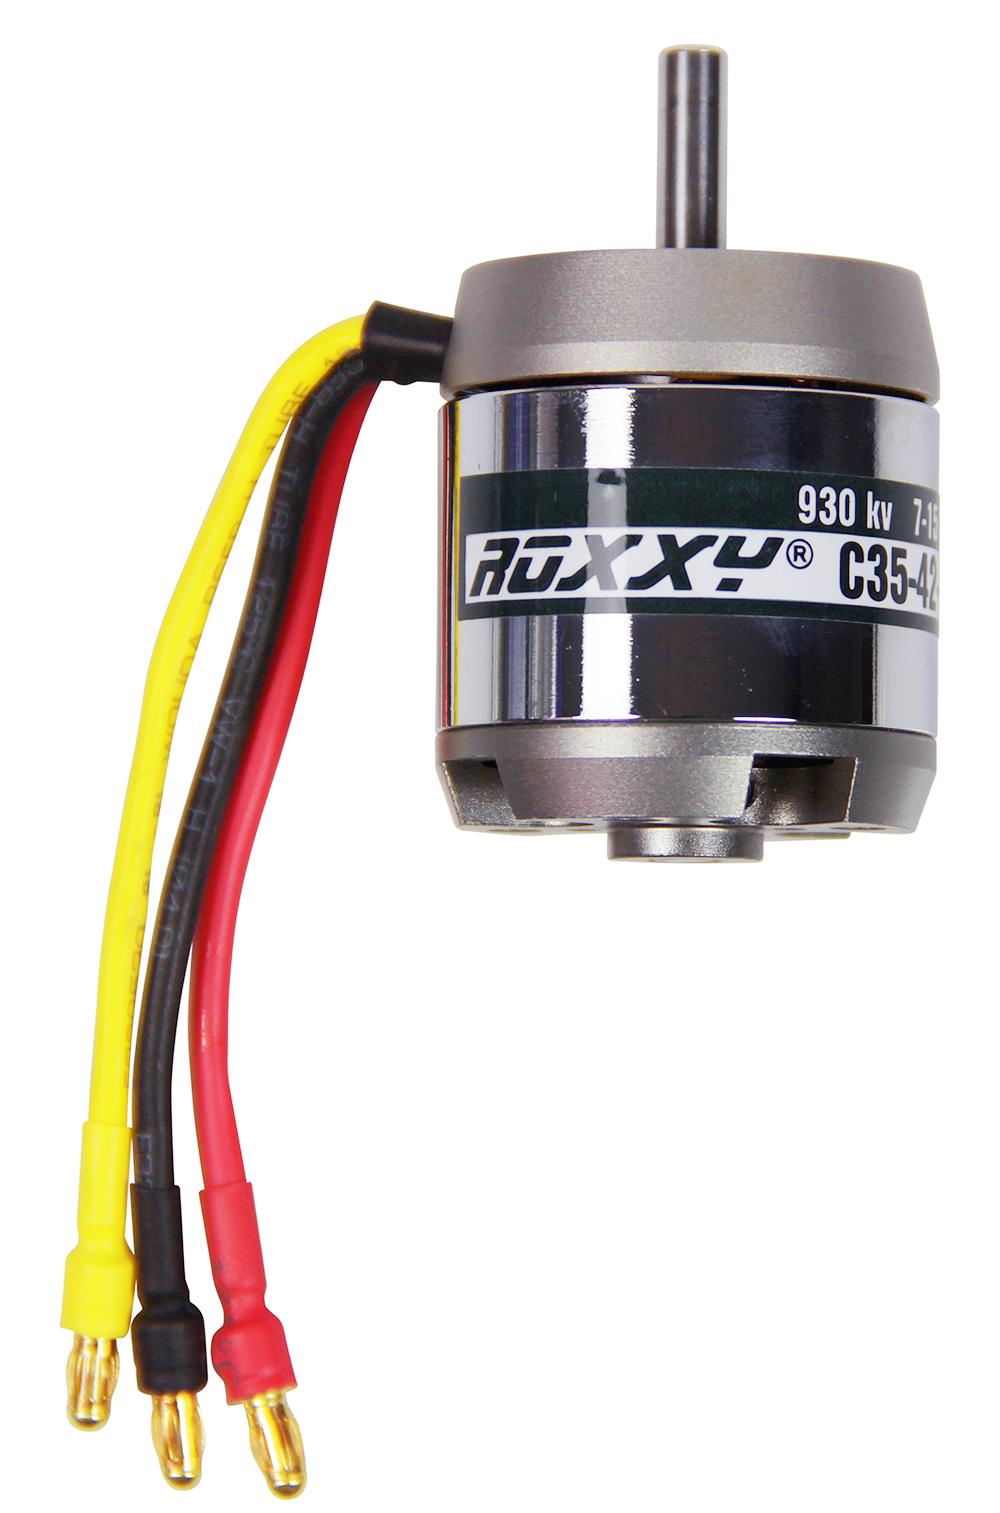 Multiplex ROXXY BL Outrunner C35-42-930kV